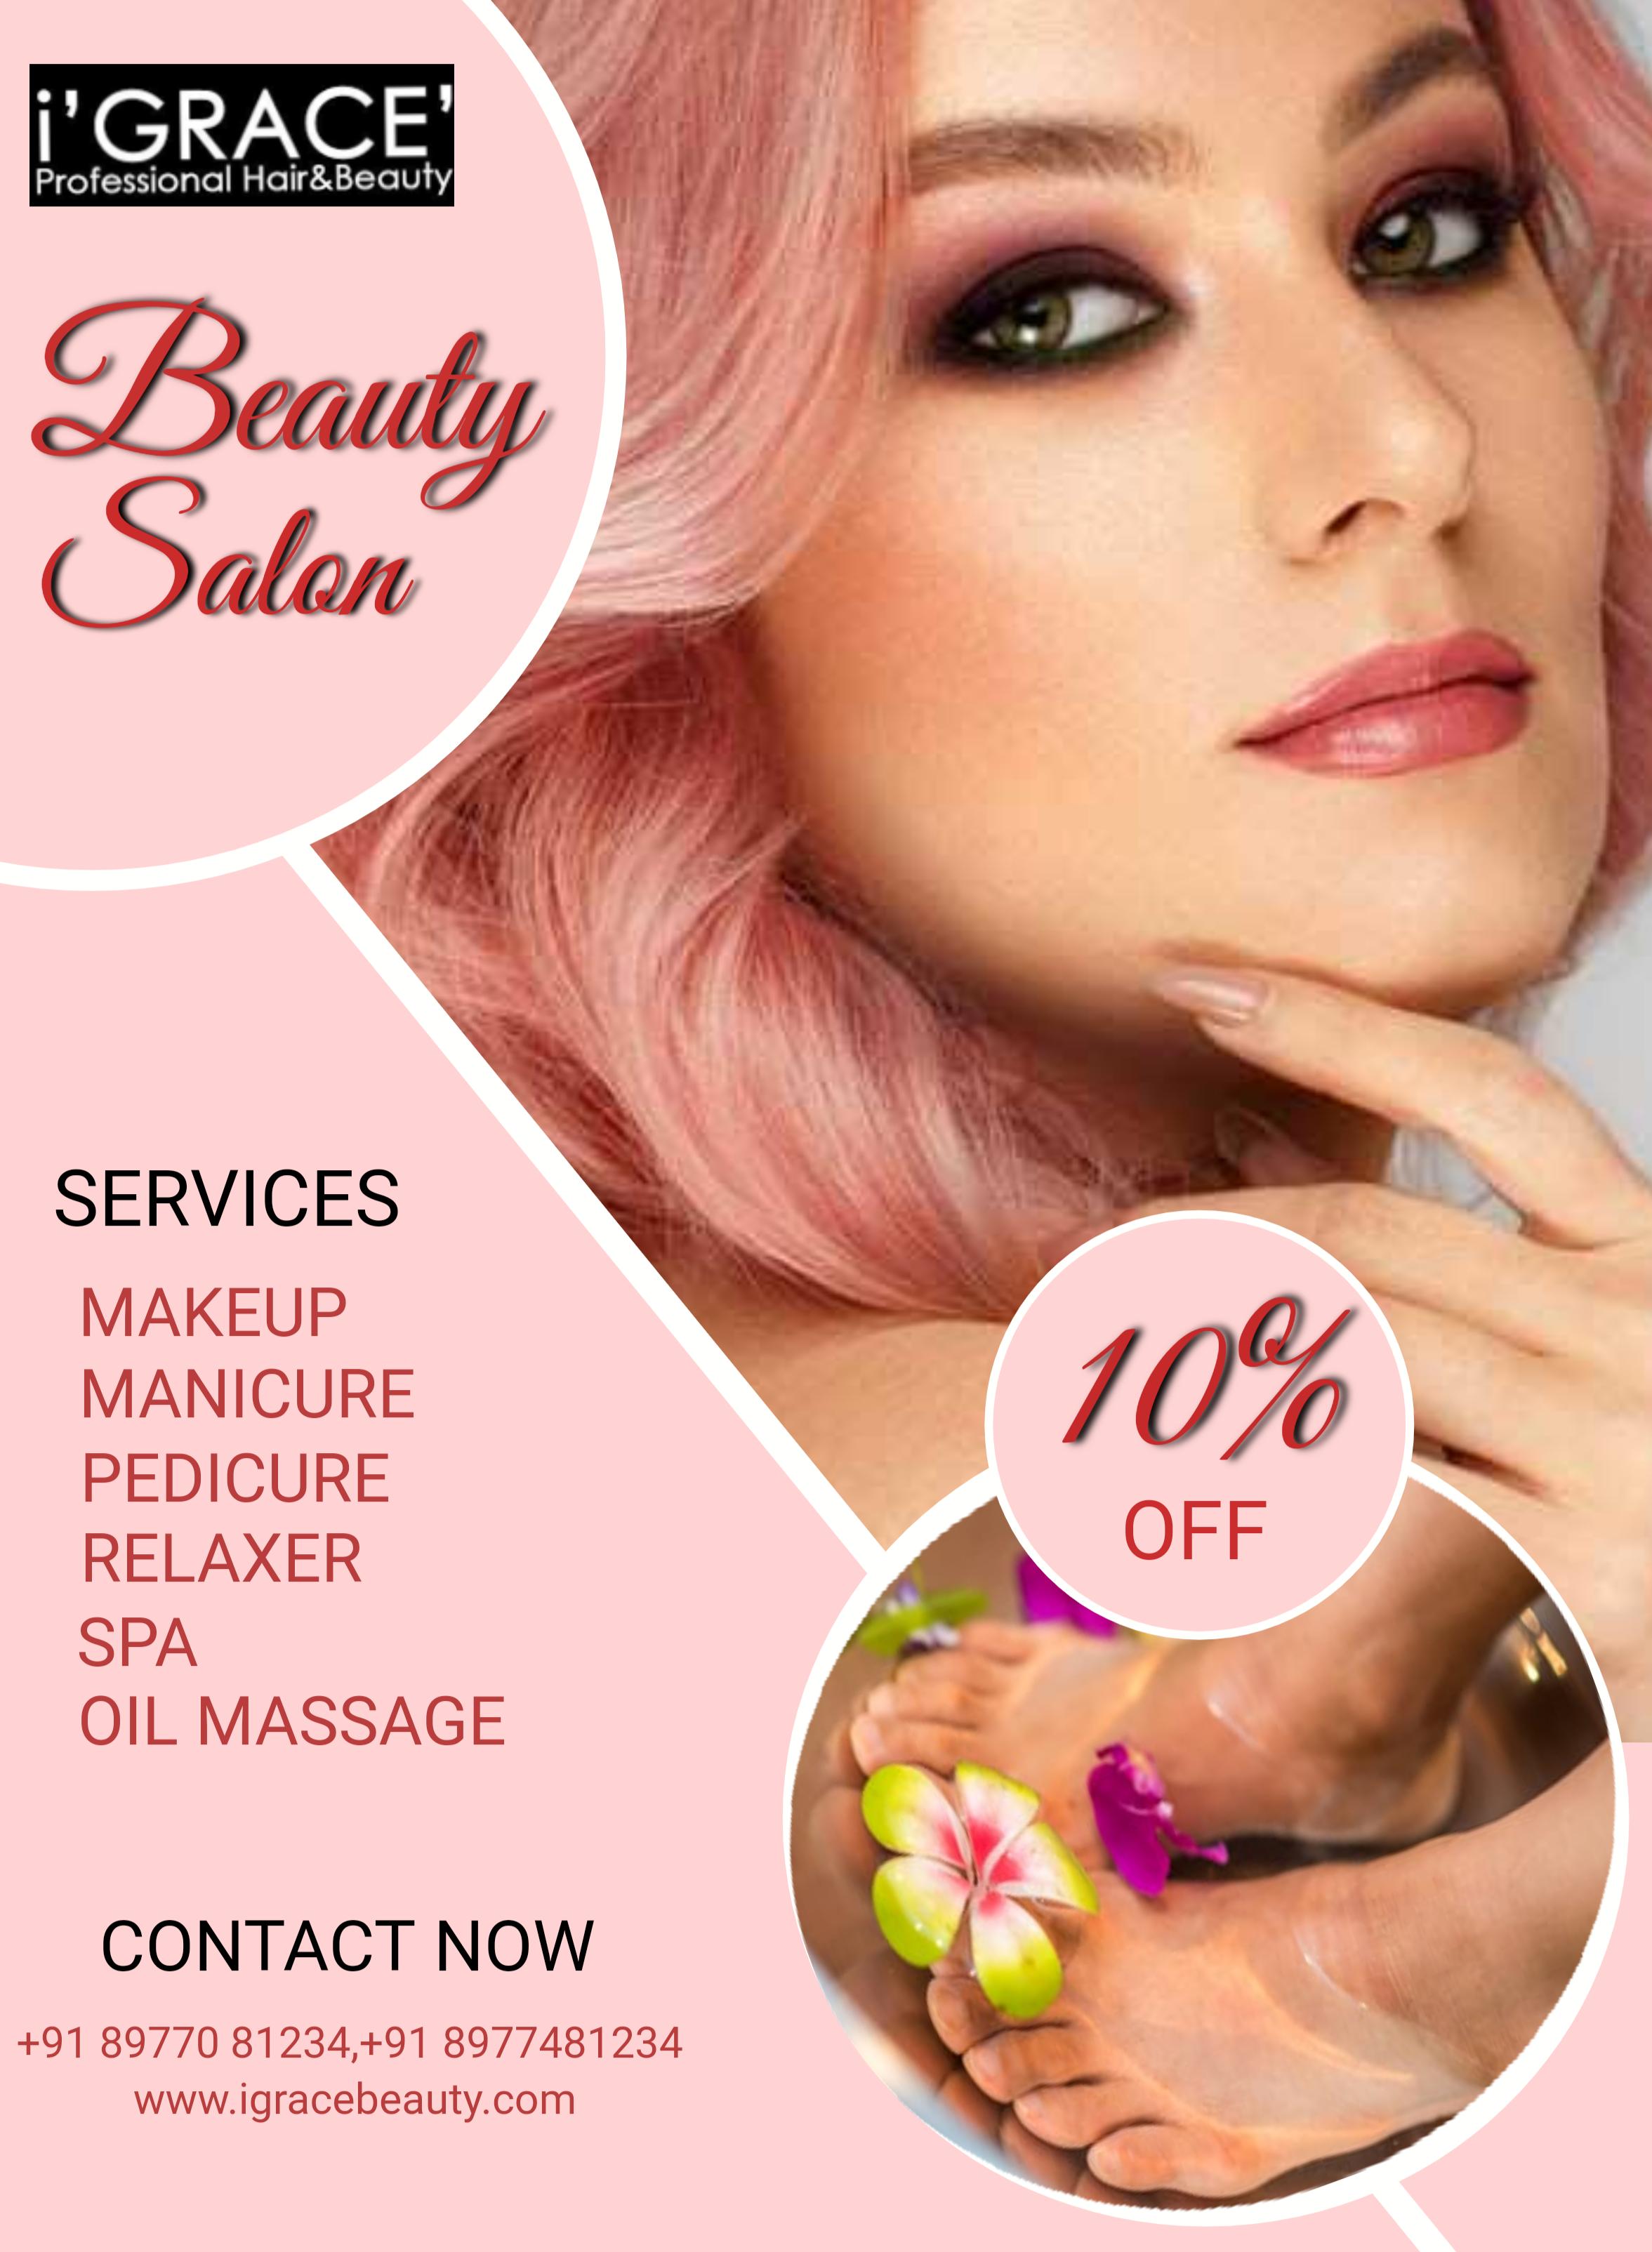 Beauty Parlour In Visakhapatnam Beauty Salon Posters Makeup Services Makeup Course